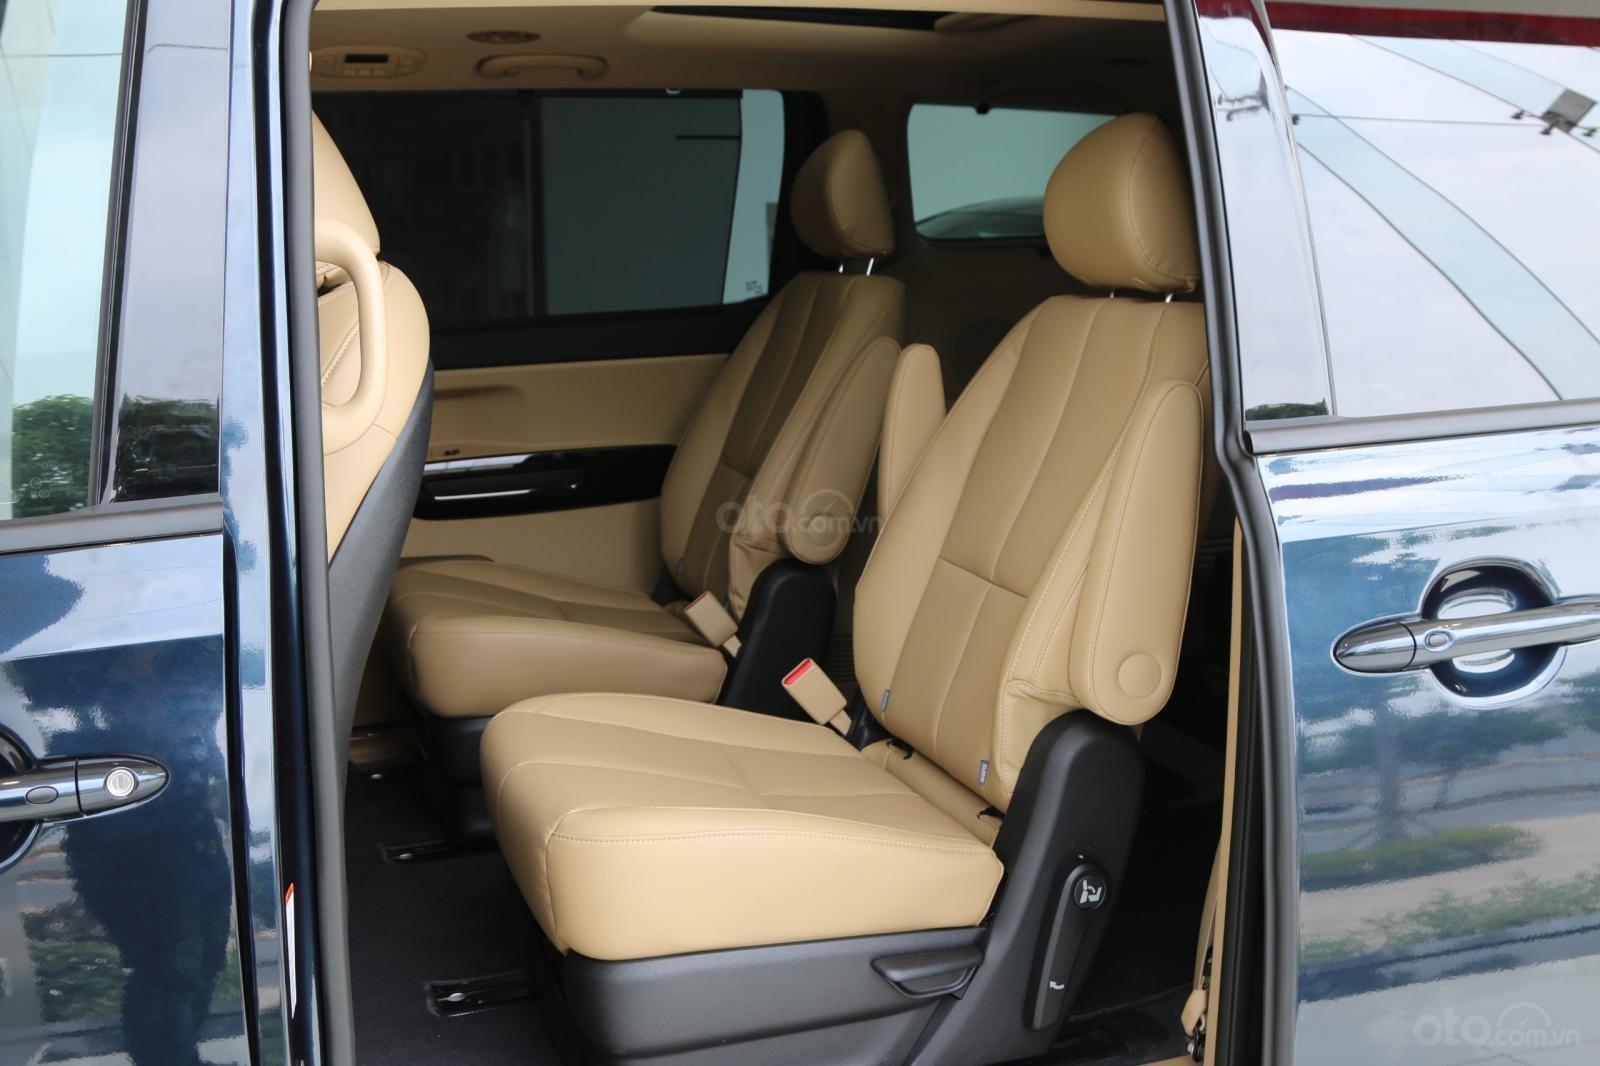 Kia Sedona - giảm giá tiền mặt / tặng bảo hiểm + camera hành trình - liên hệ PKD Kia Bình Tân 093 317 0660 (5)